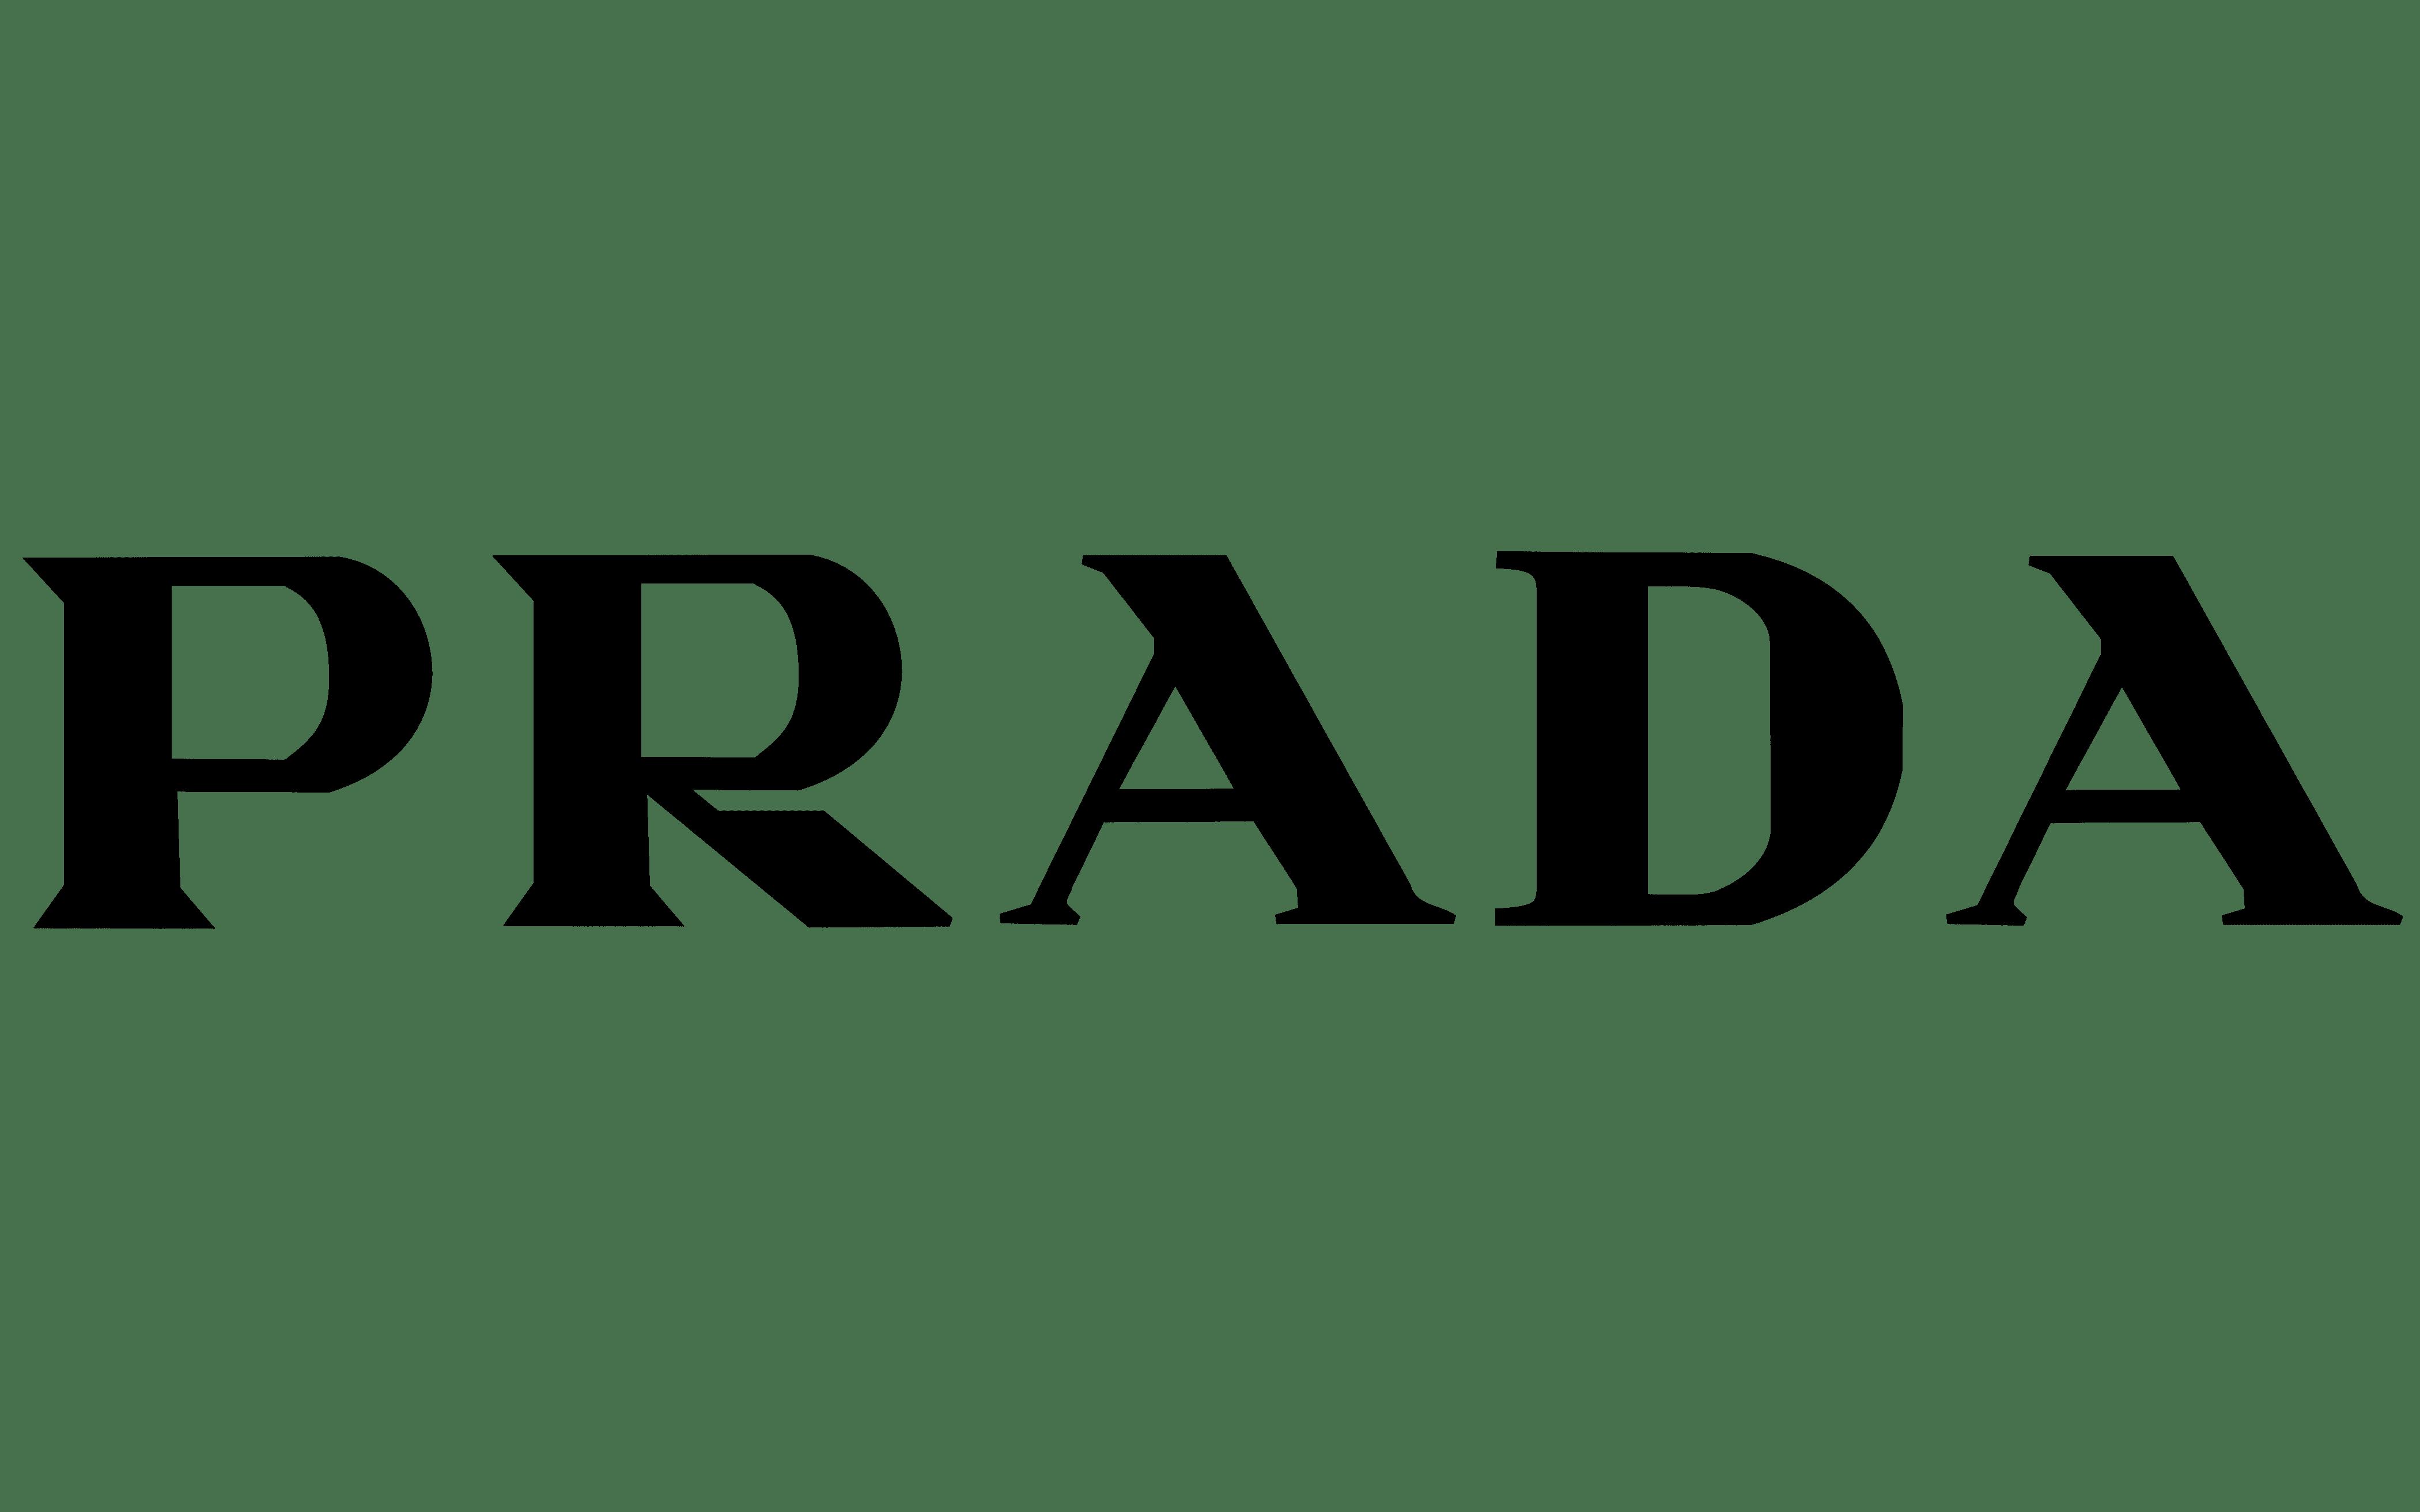 prada logo prada symbol meaning history and evolution